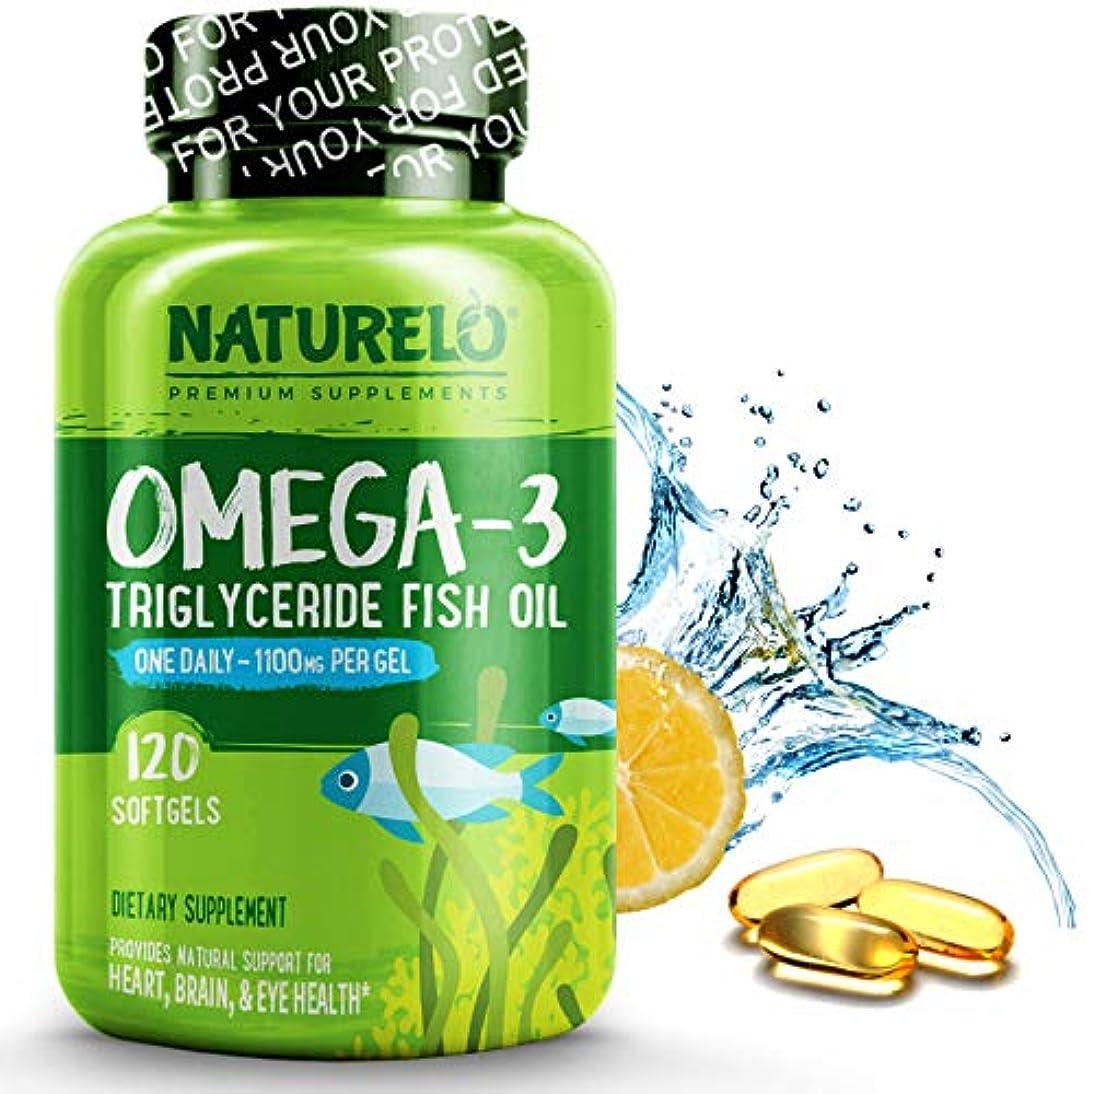 一元化する花瓶卵NATURELO プレミアム フィッシュ オイル サプリメント (120ソフトカプセル) Premium Fish Oil Supplement - 1100mg Triglyceride Omega-3 - One A...